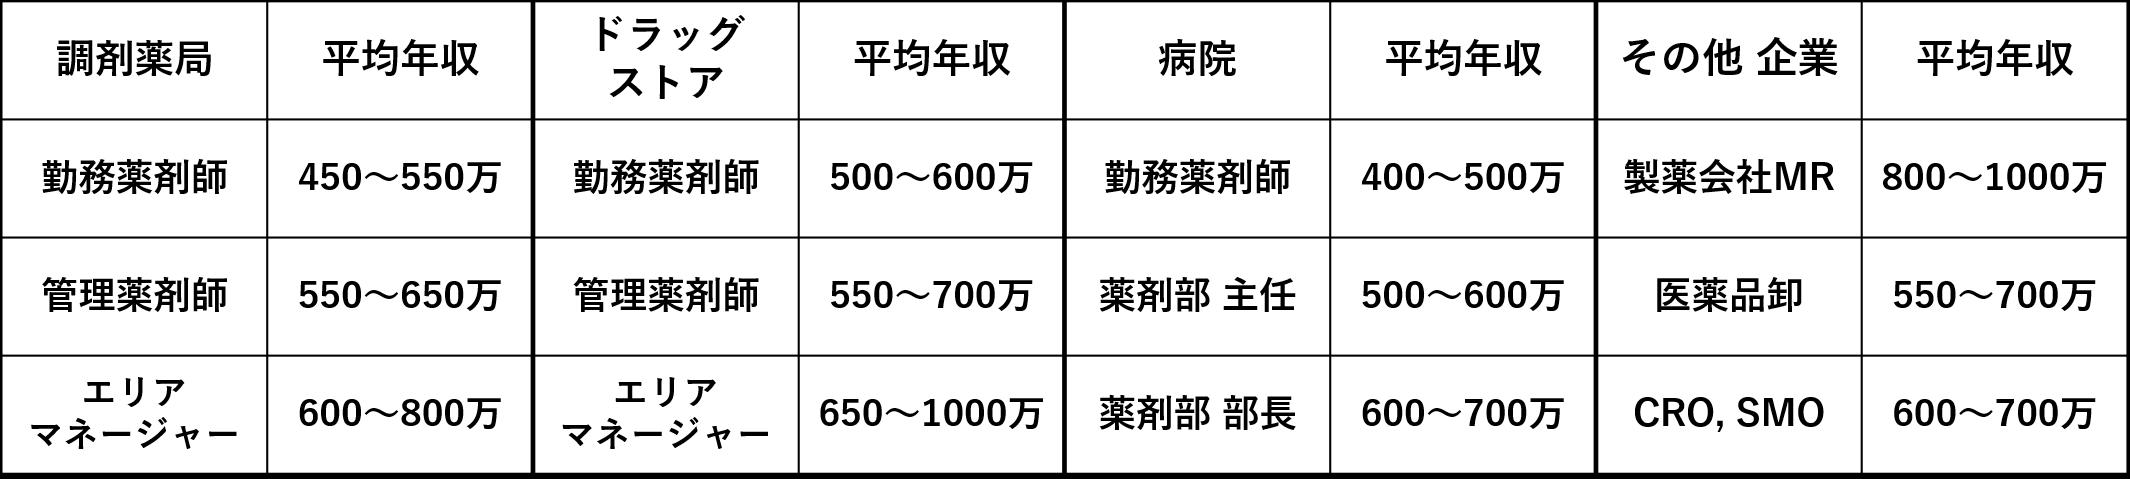 500 ホワイト 企業